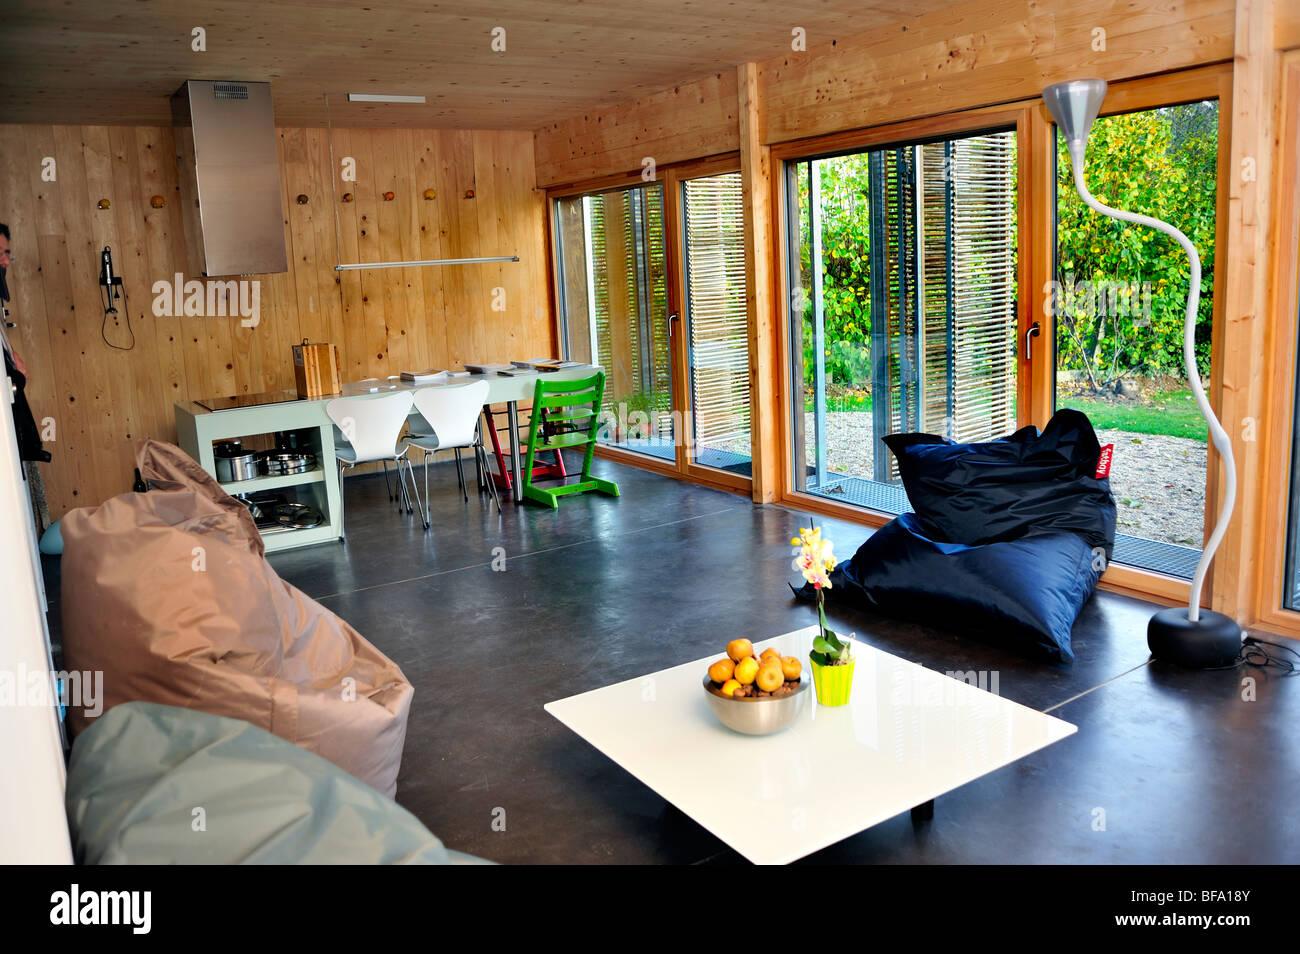 Paris france green house zero energy consumption passive house maison passive buildings house saving energy